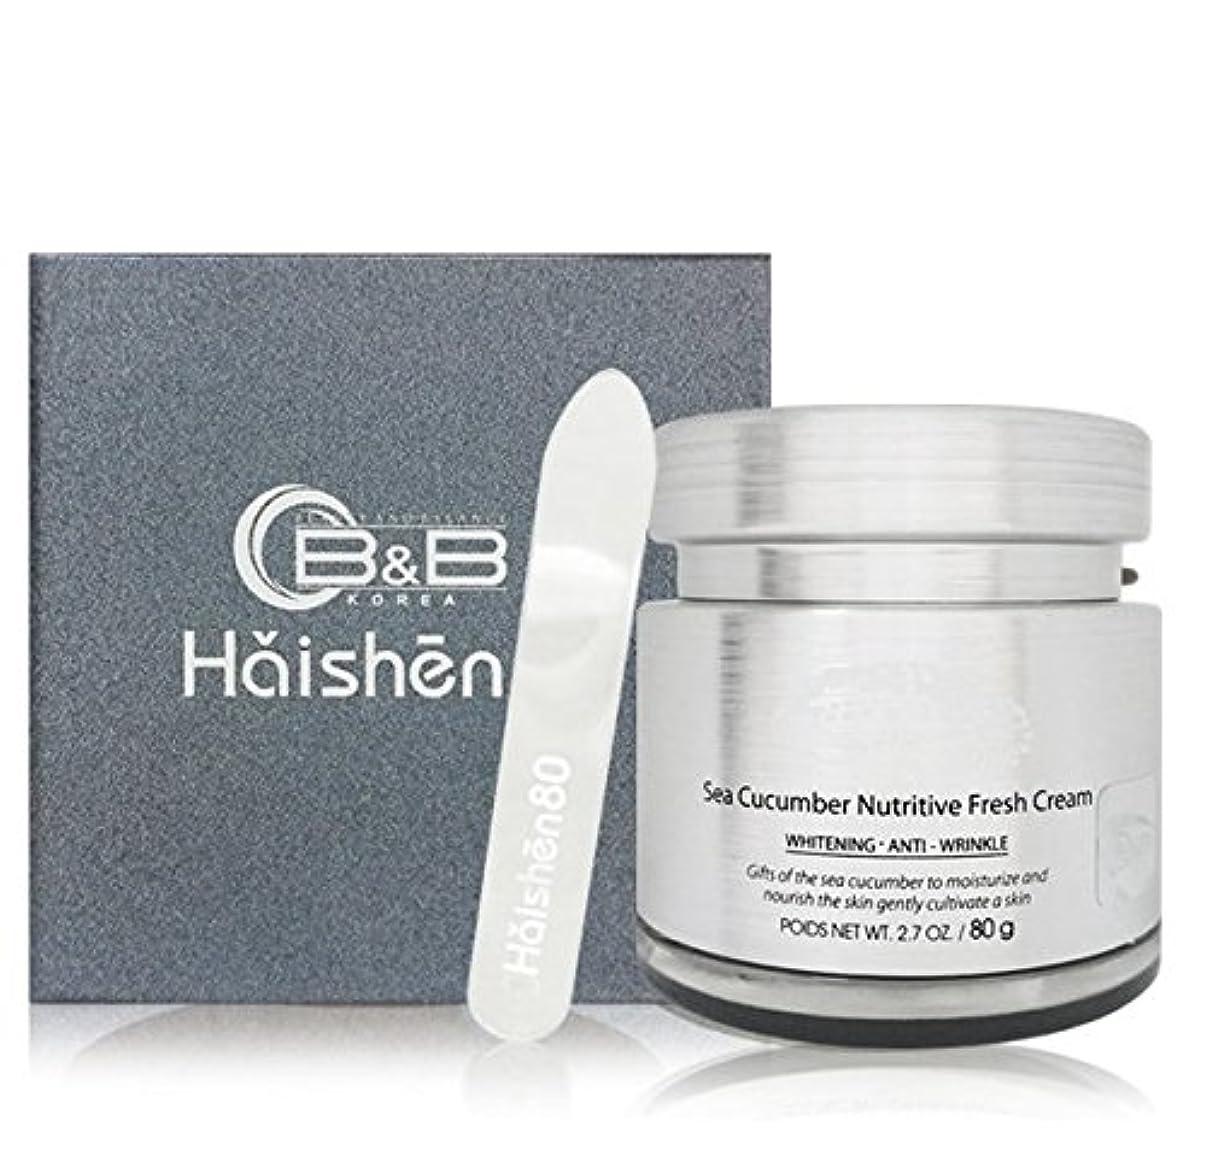 とまり木考案するさわやか[訳有り・OUTLET]Haishen80 Sea cucumber Nutritious Fresh Cream 80g ハイサン 80 シーキューカンバーニュトゥリチブフレッシュクリーム 80g